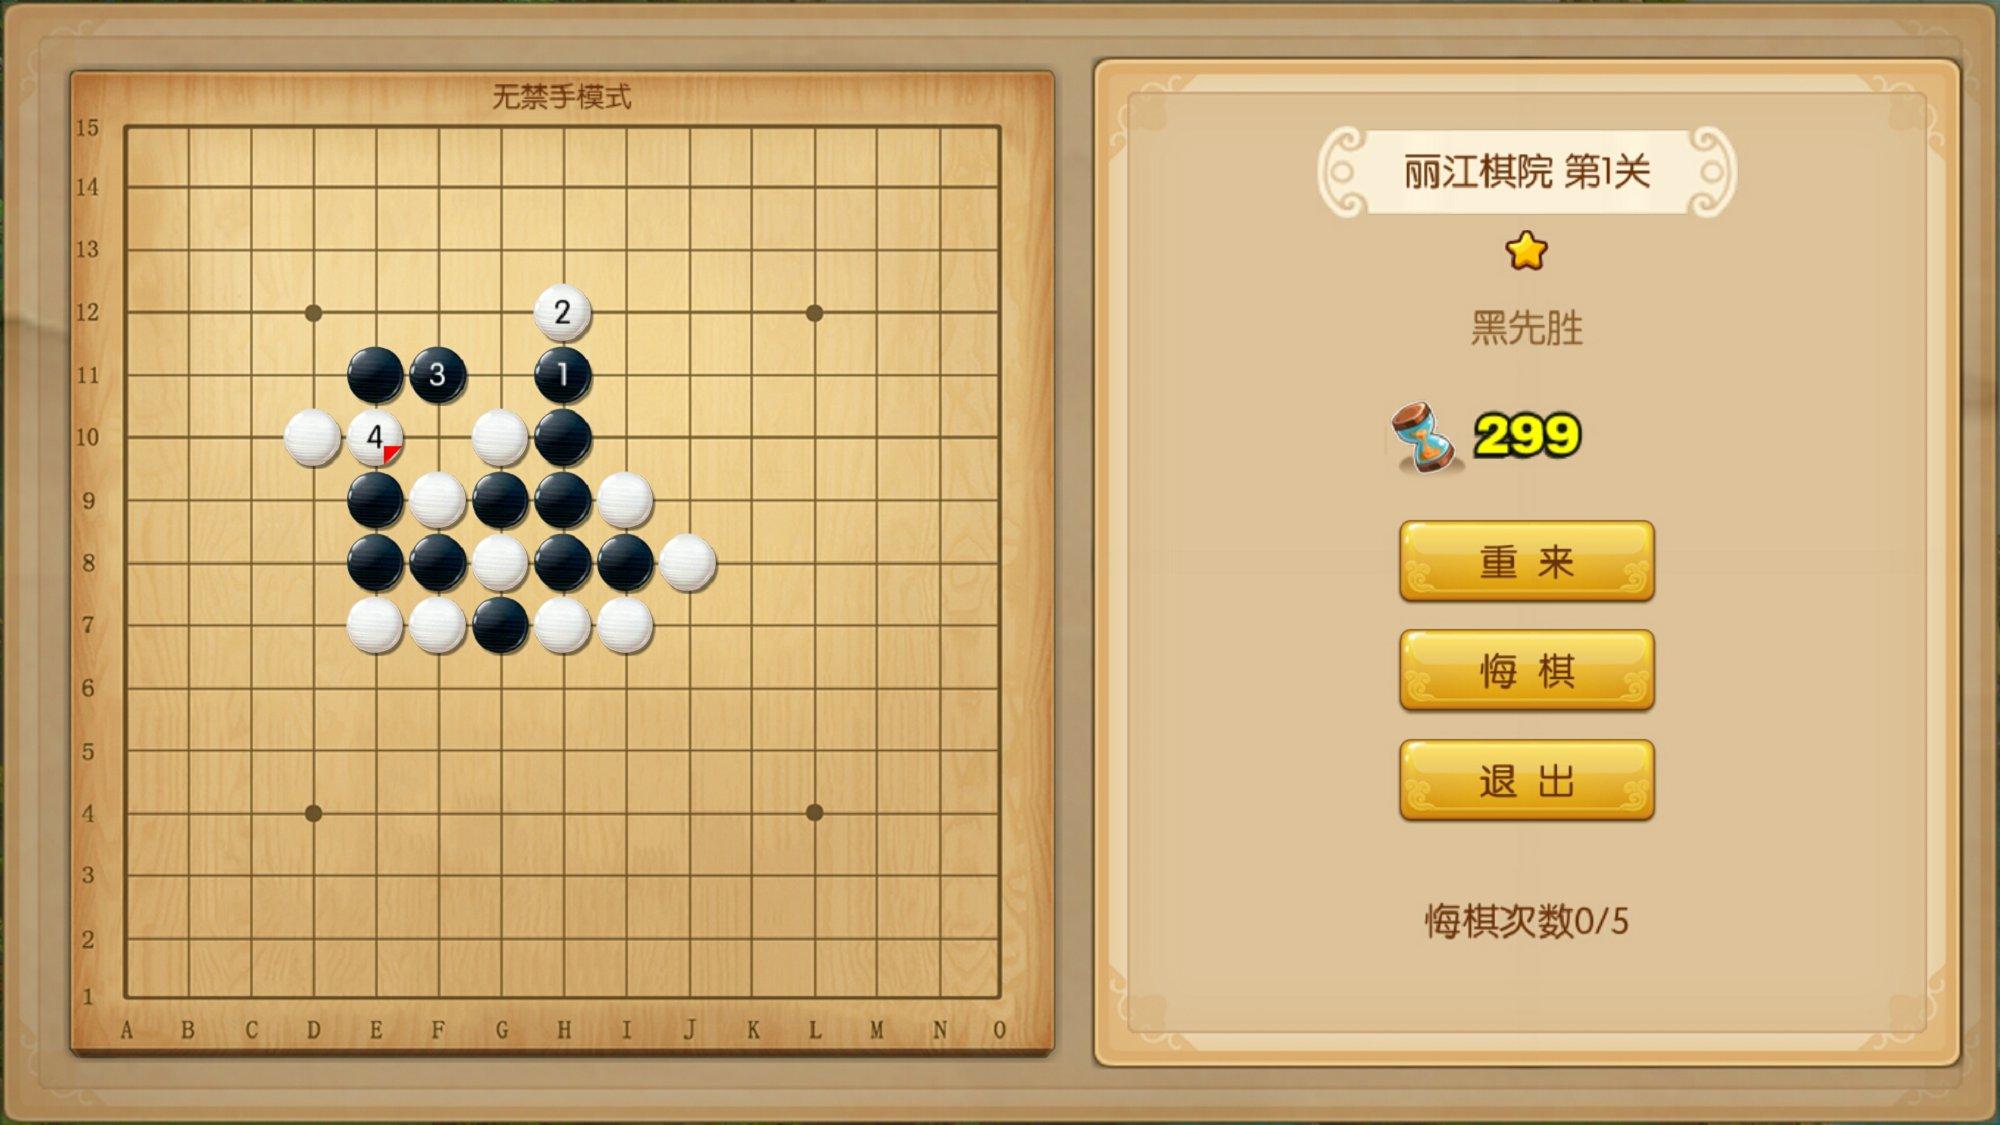 五林大会 v1.0.43.2截图